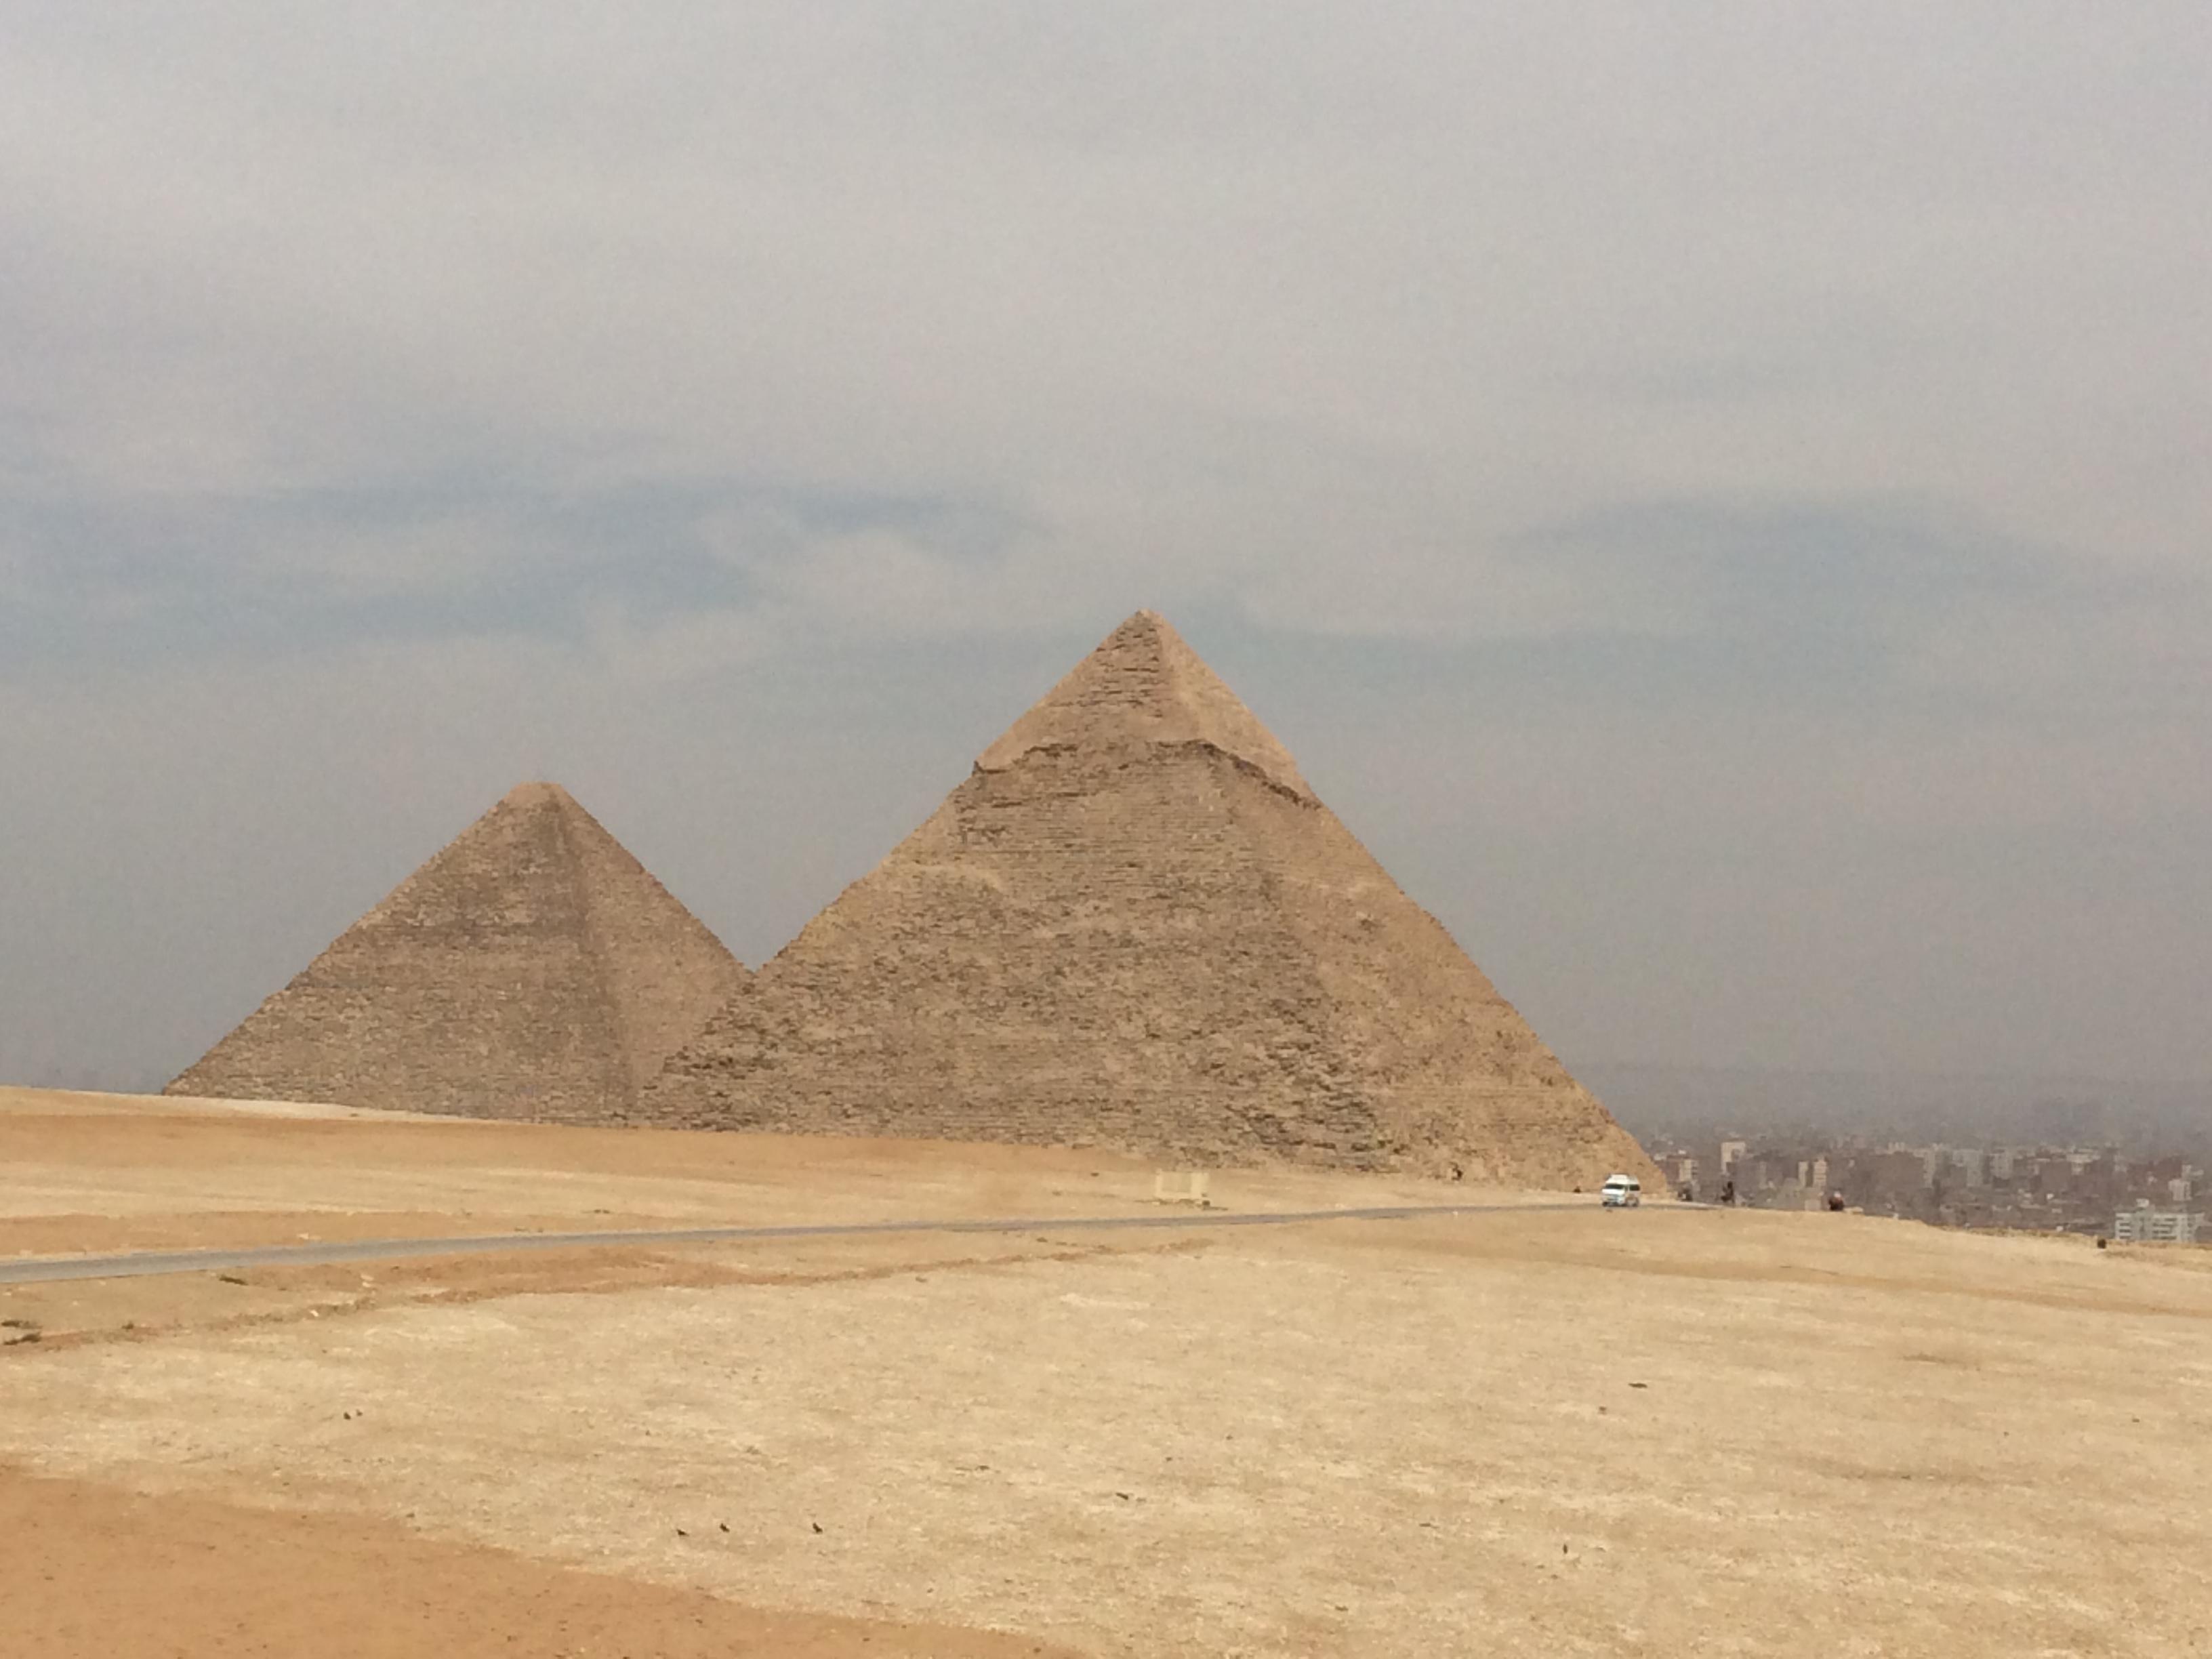 由于埃及道路不发达,开罗到达地中海新娘的亚历山大开了将近四个半小时。到了之后游览了夏宫花园(去过俄罗斯的夏宫,这里若爆了。。。似乎不应该在这里说这个),还有庞贝柱,很孤单的屹立在罗哈克提斯的山丘上,作为亚历山大主要的景点,吸引着向我们这样的客人源源不断的去参观拍照~最后一个是奎贝堡,原来的灯塔遗址,在当时,埃及海岸简直是古代水手的一个噩梦,海岸线平坦,但是地下暗藏着暗礁和浅滩。那么这个奎贝堡的由来是因为公元前280年前一个秋天的夜晚,一艘皇家喜船在这里触礁沉没了,皇亲国戚及欧洲取来的新娘都葬身在了这片大海